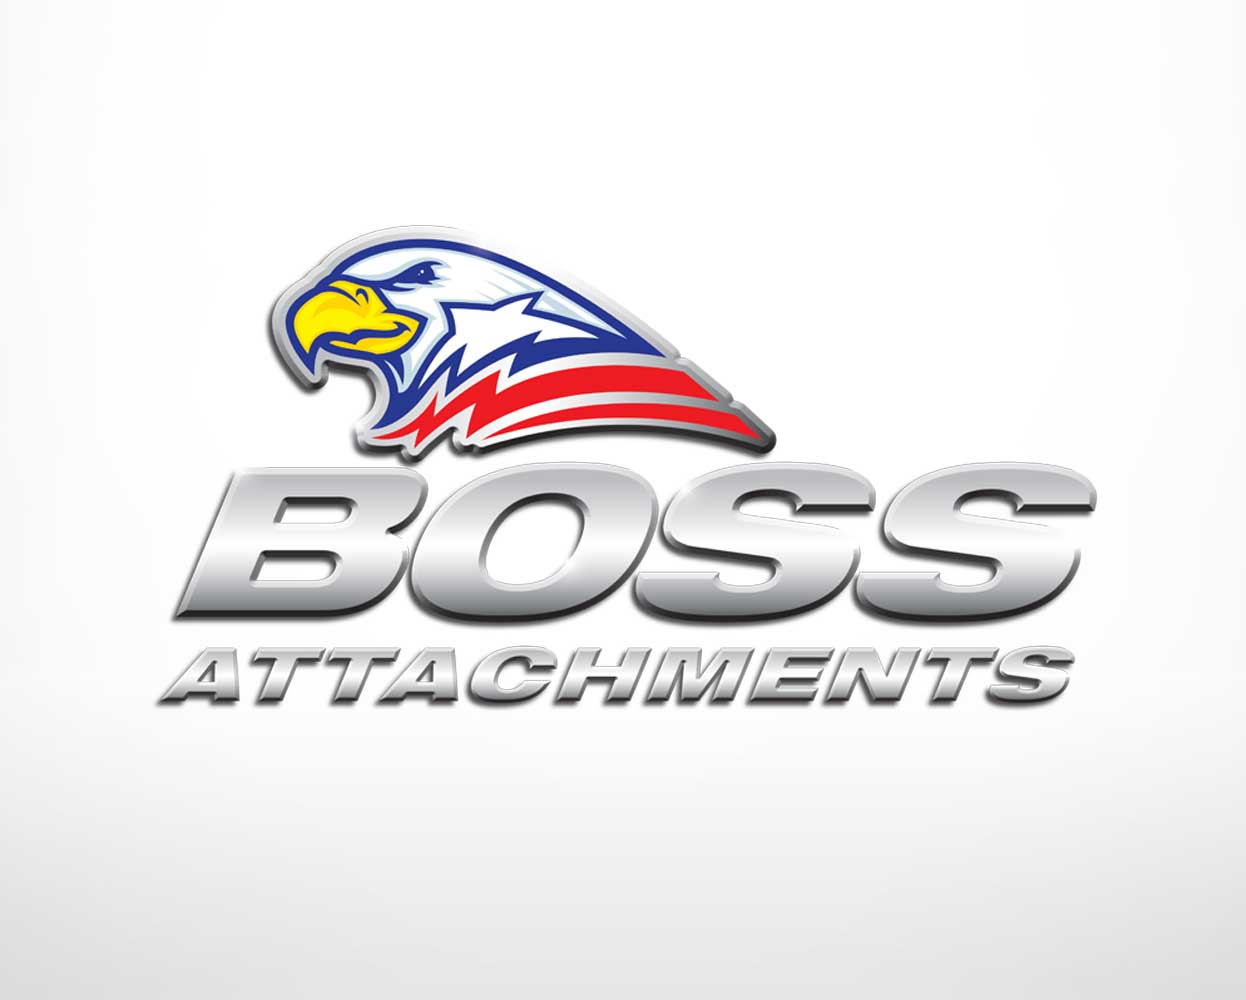 Boss_attachments_branding_logo